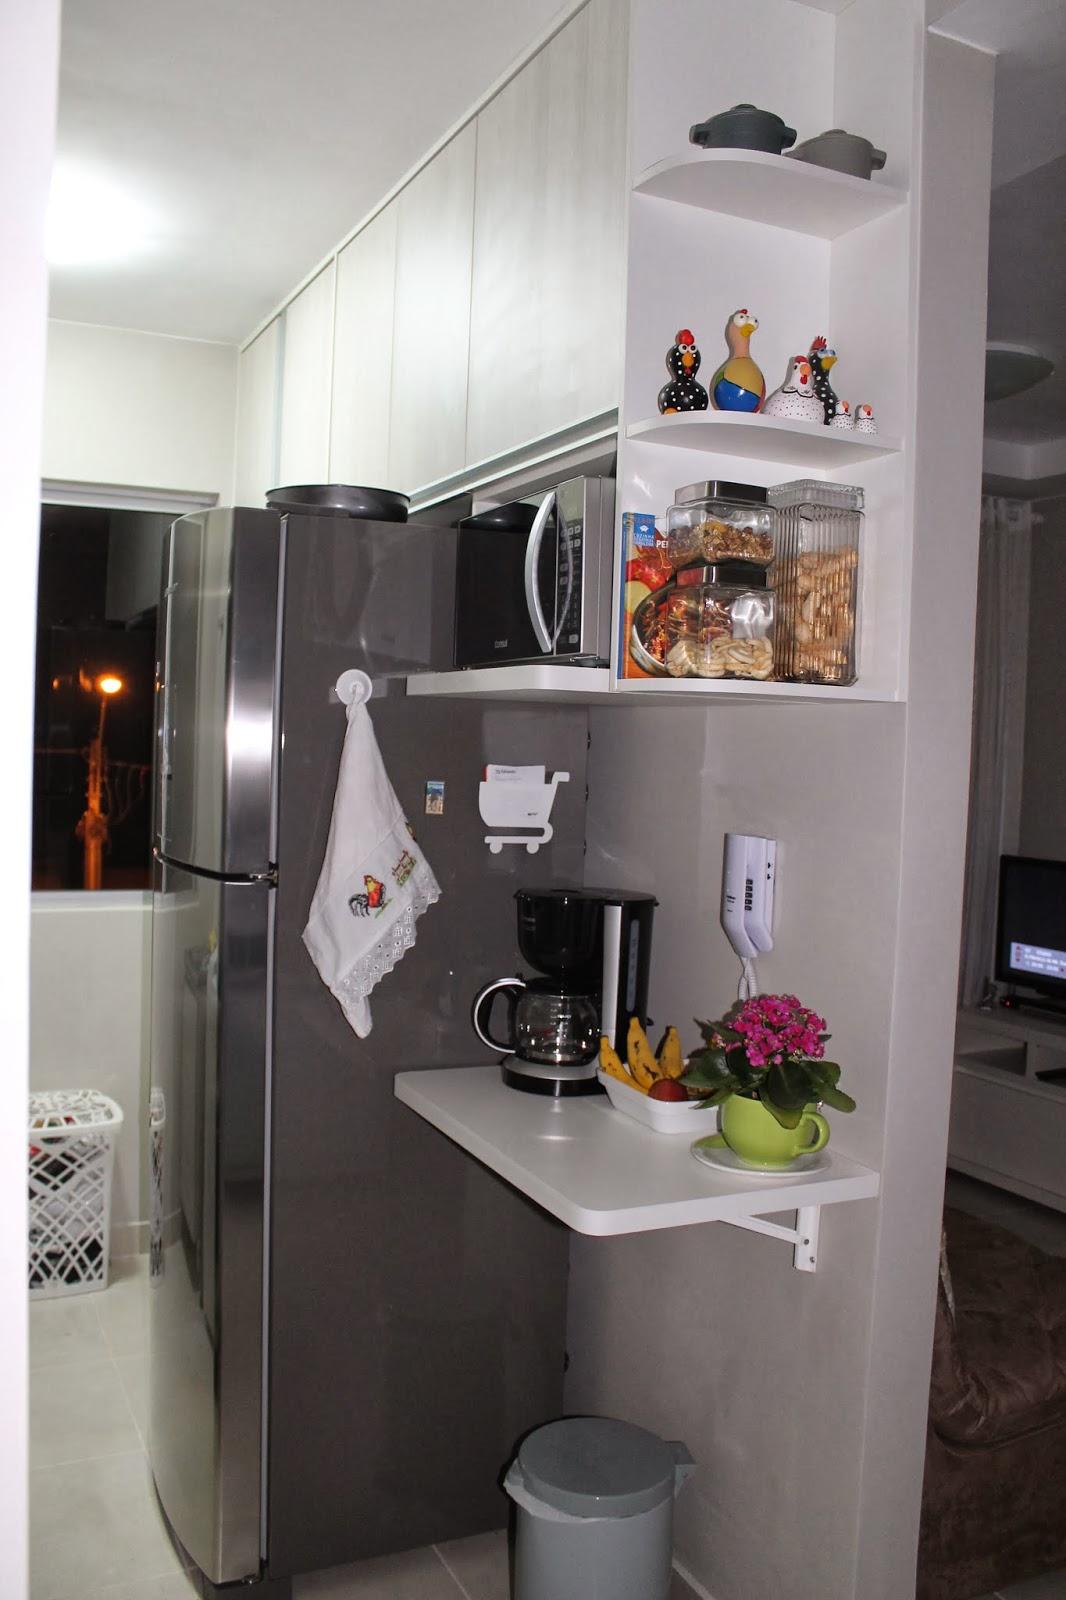 #766748 Esqueçam aquele cestinho de roupa suja ali próximo a janela na  182 Janelas De Vidro Na Cozinha